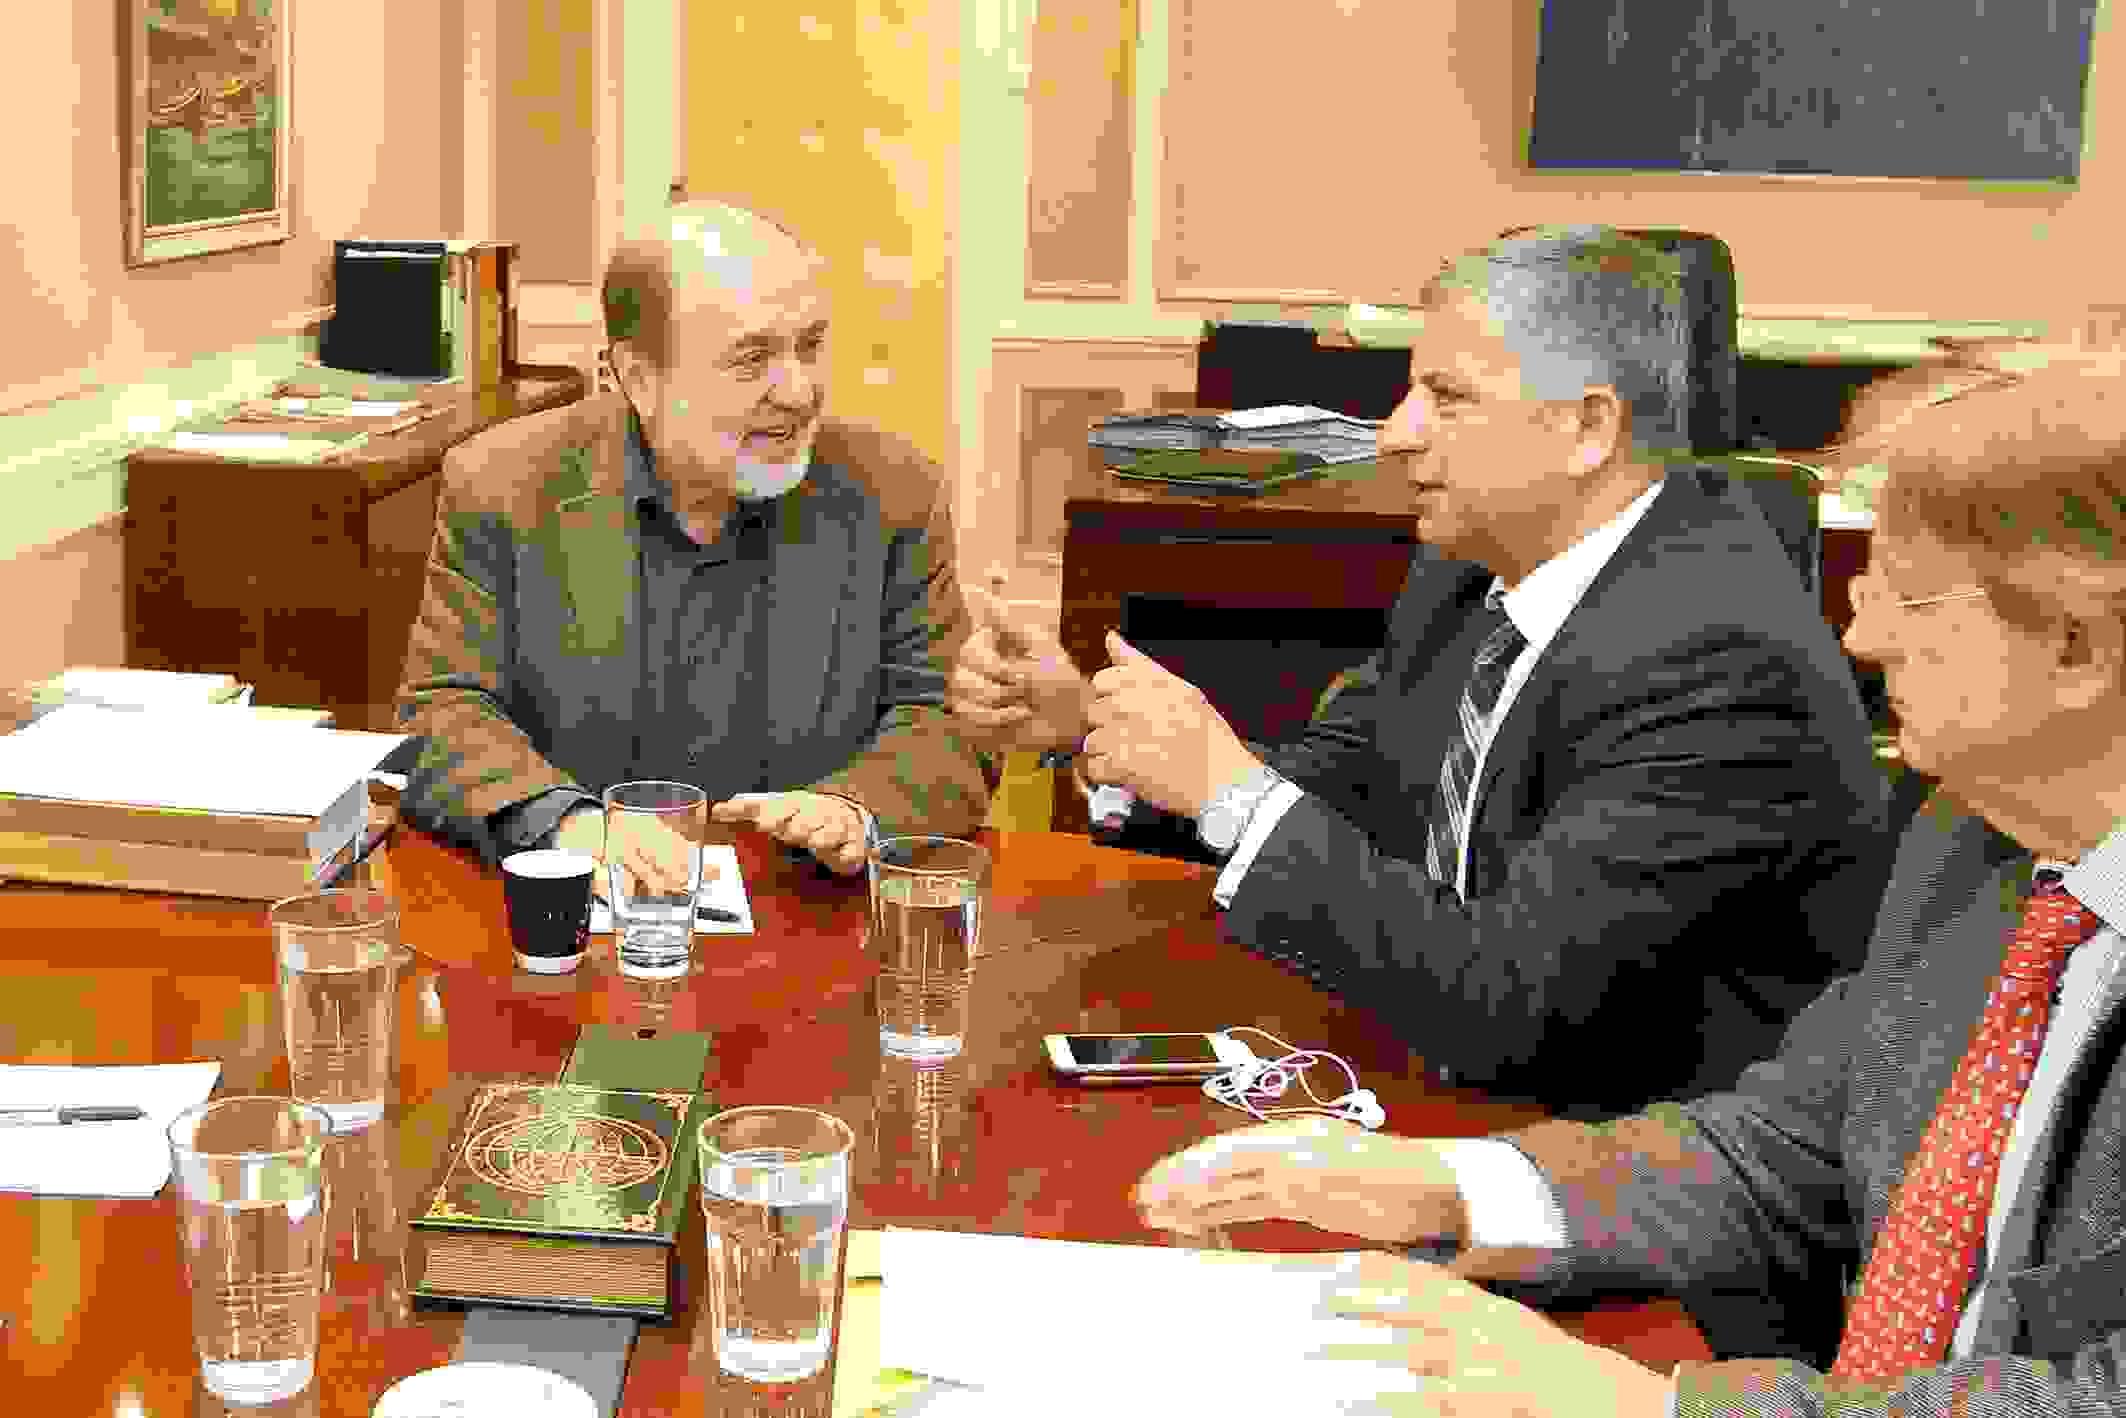 Γ.Πατούλης: Μόνο μέσω των Δήμων η διαδικασία για την παραχώρηση της χρήσης των παραλιών Ευθεία νομοθετική ρύθμιση για την παραχώρηση χρήσης αιγιαλών απευθείας στους Δήμους ζήτησε ο Πρόεδρος της ΚΕΔΕ Γ. Πατούλης από τον Αν. υπουργό Οικονομικών Τρ. Αλεξιάδη